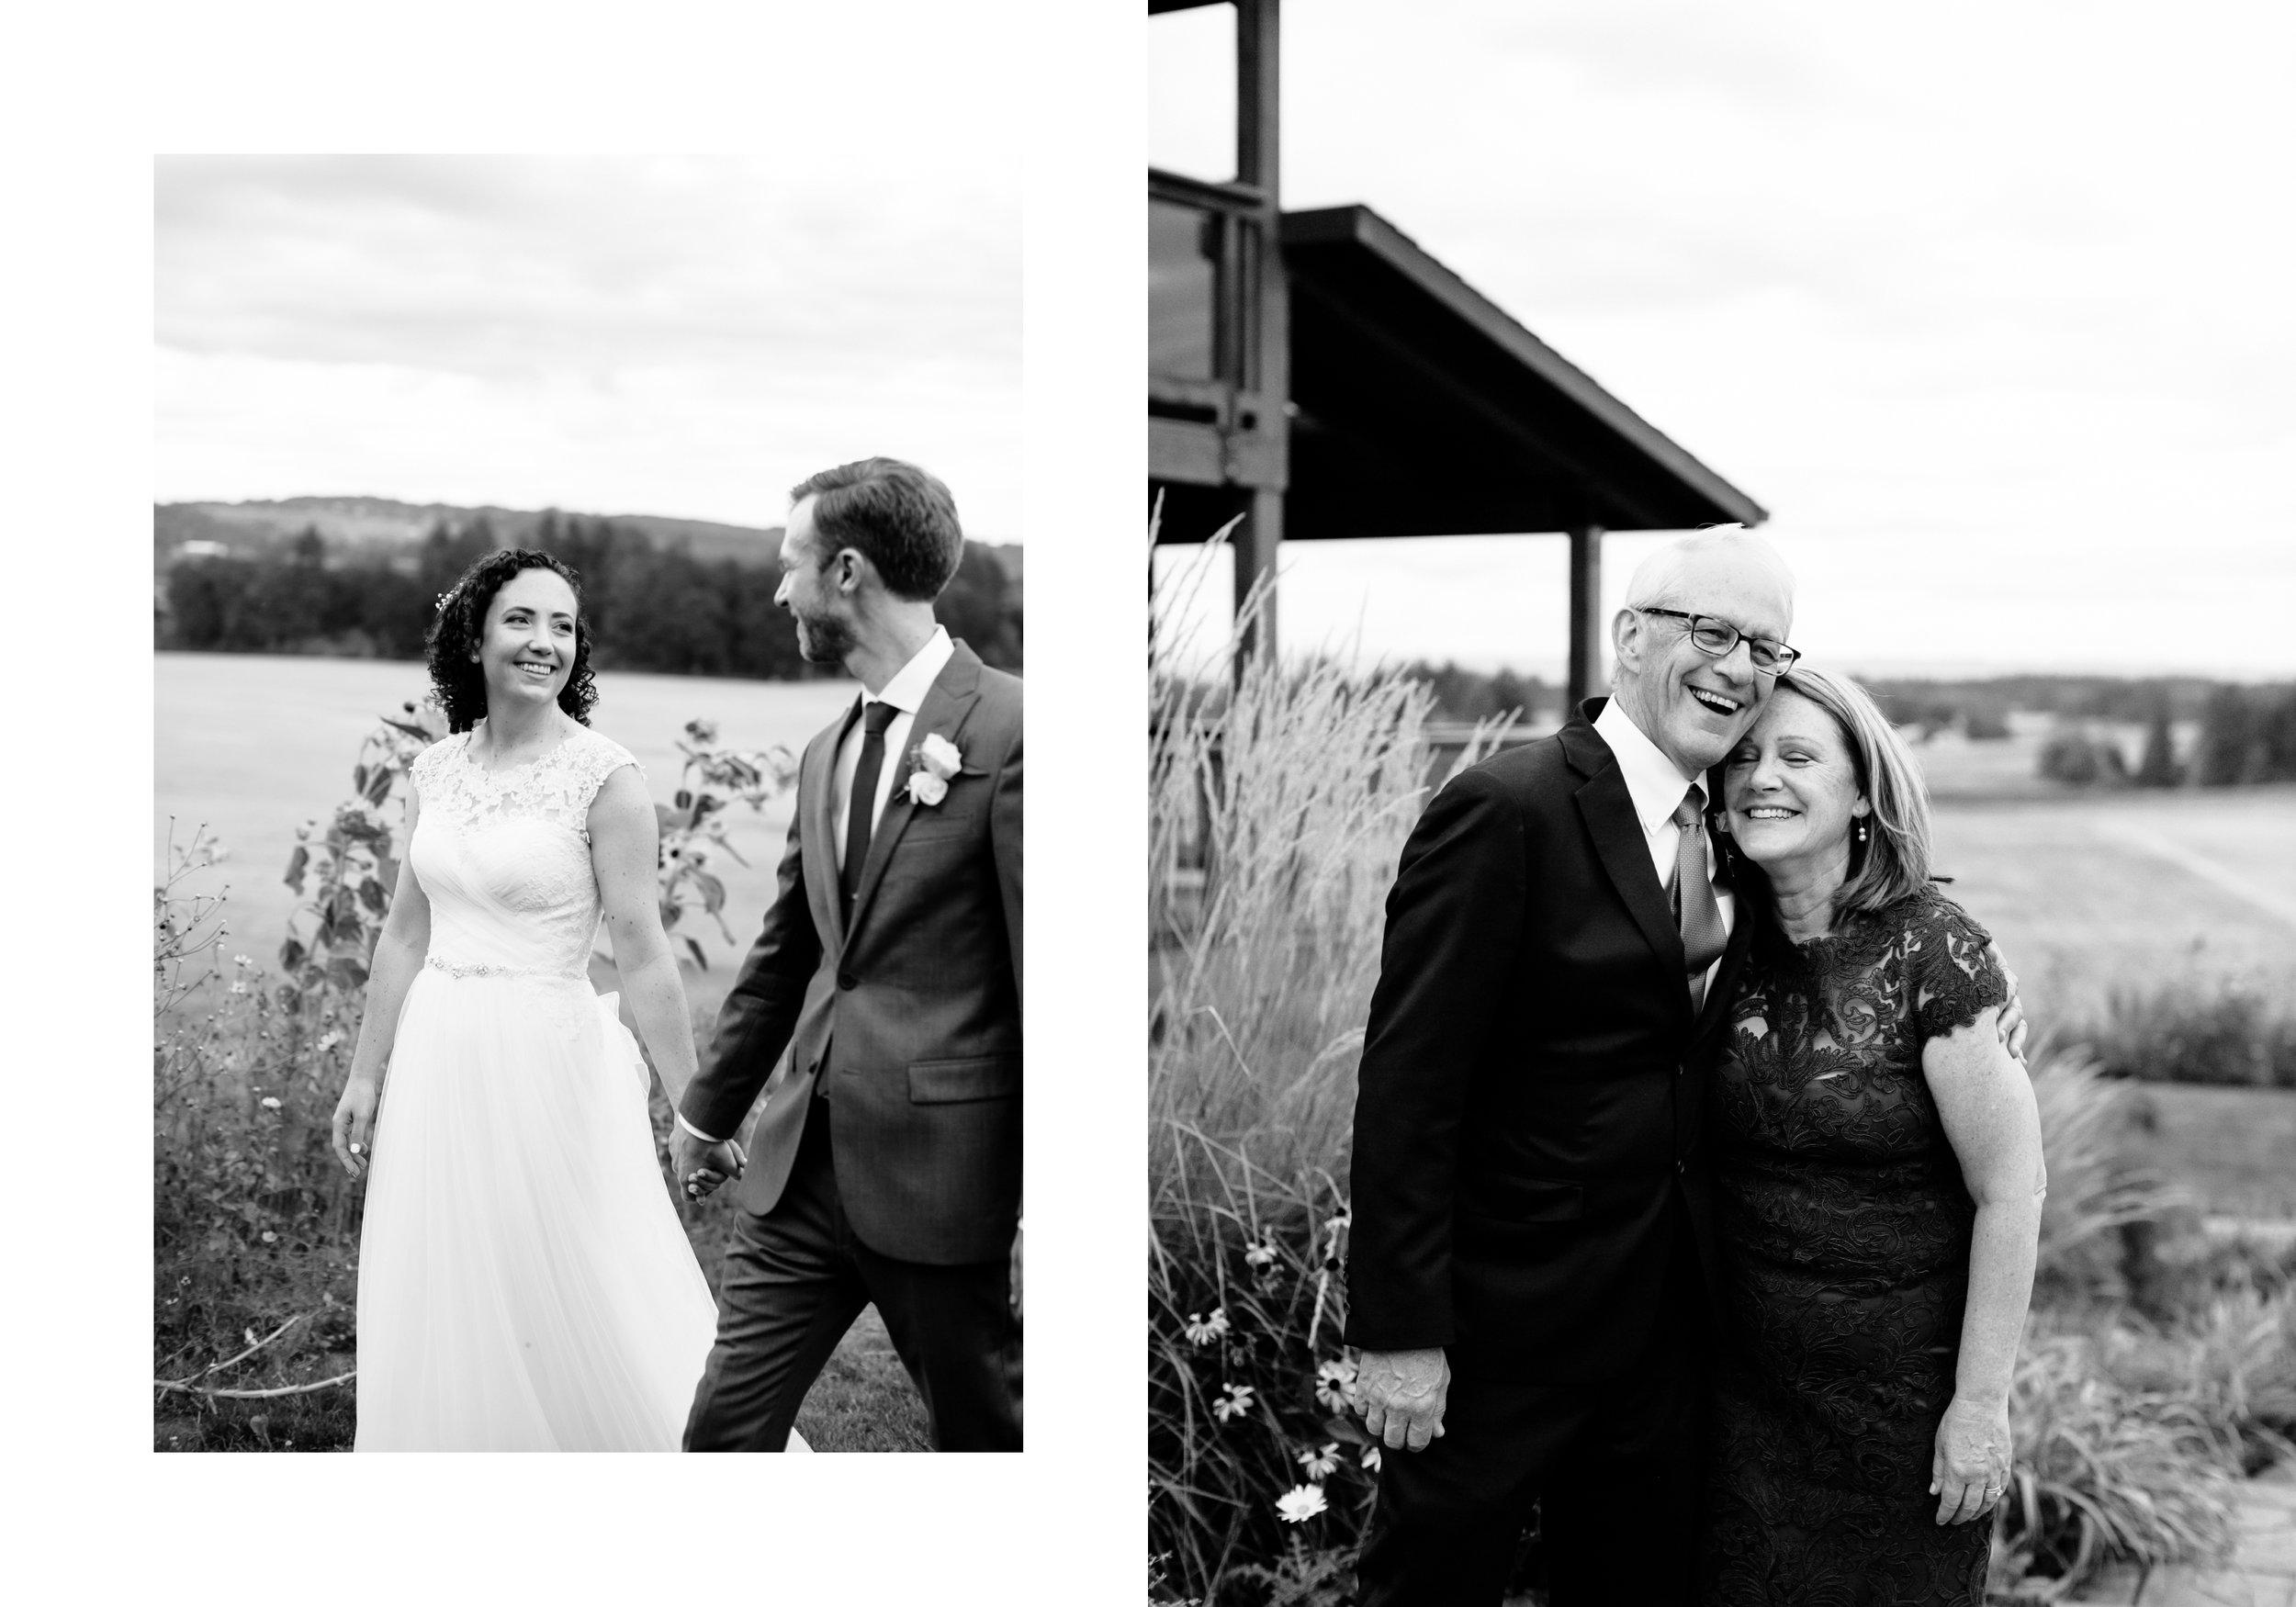 scholls-valley-lodge-wedding-photographer-ashley-courter0023.JPG